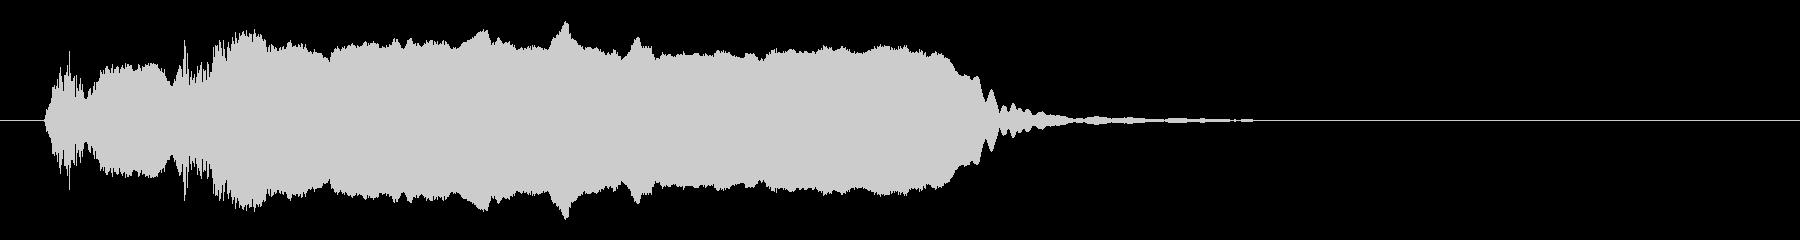 尺八ソロによるジングル_03の未再生の波形